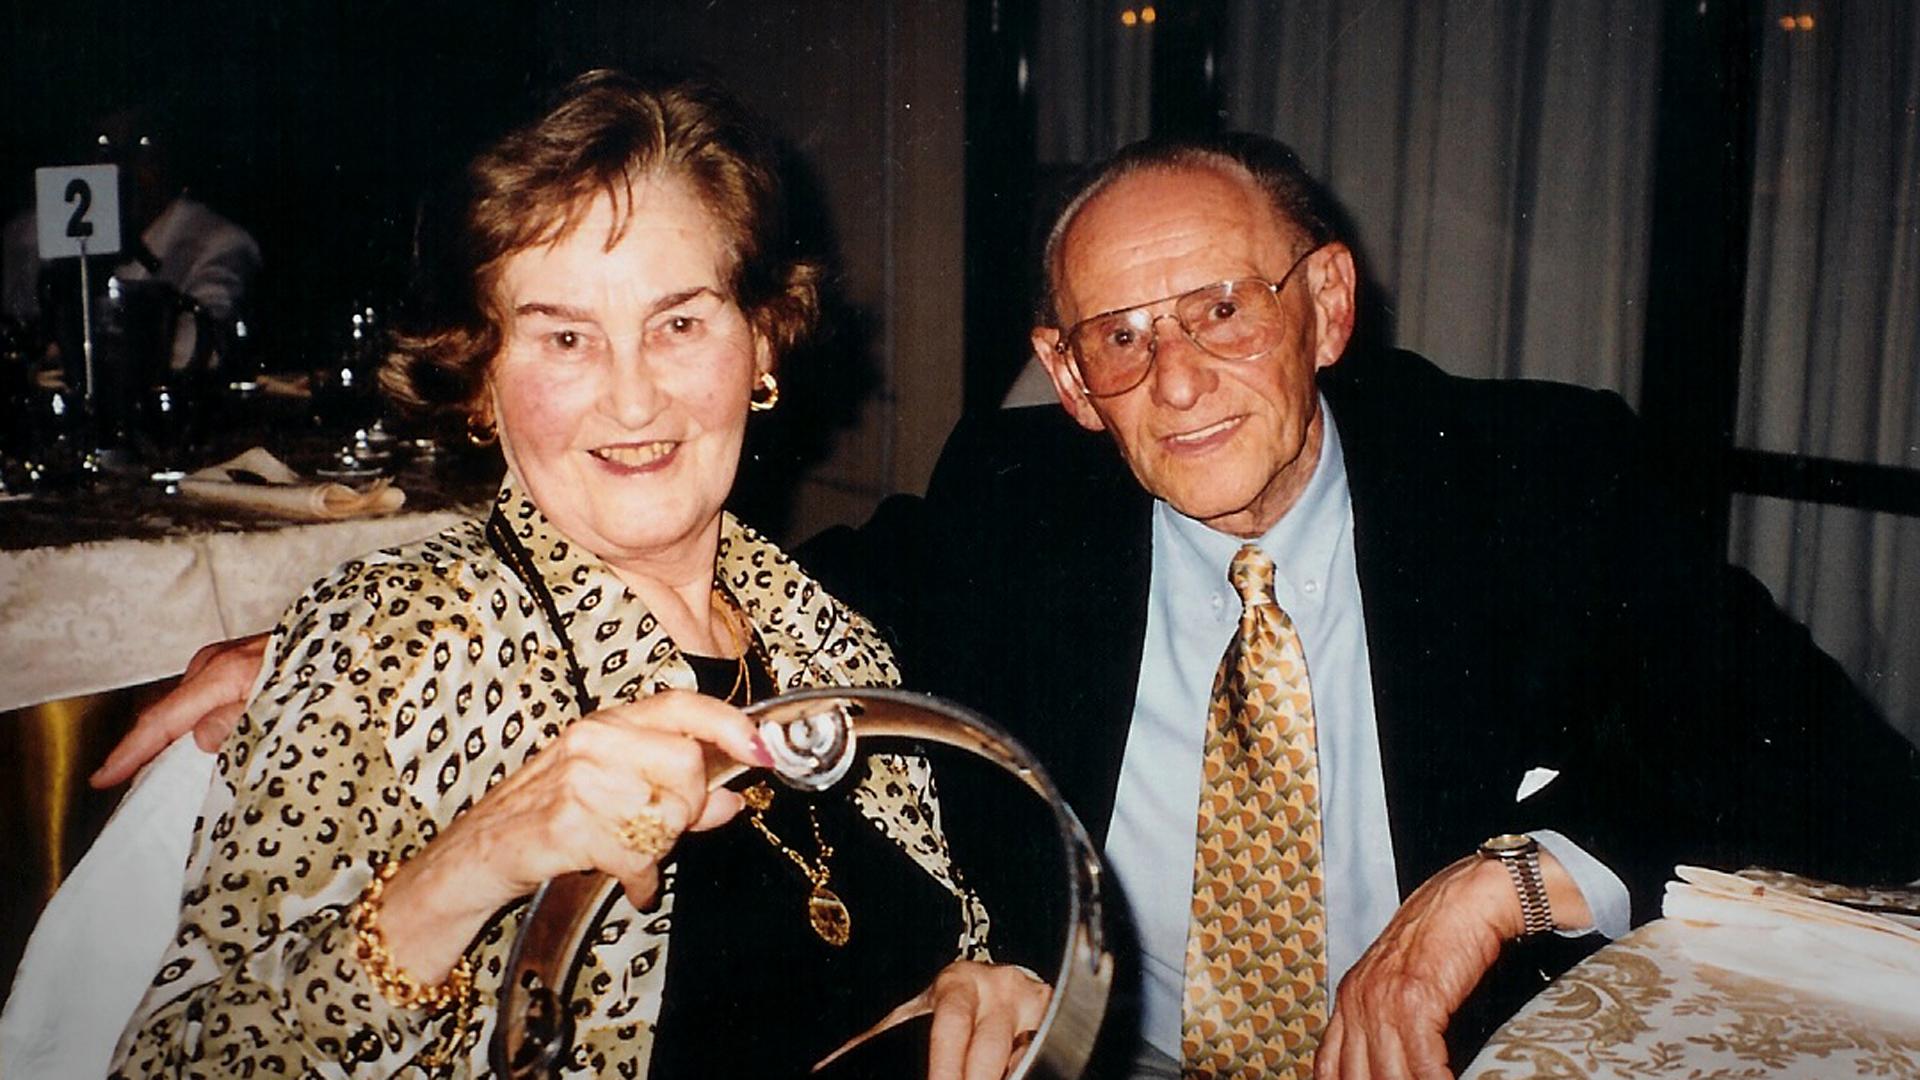 Gite i Laleta Sokolov pre Gitine smrti 2003. godine